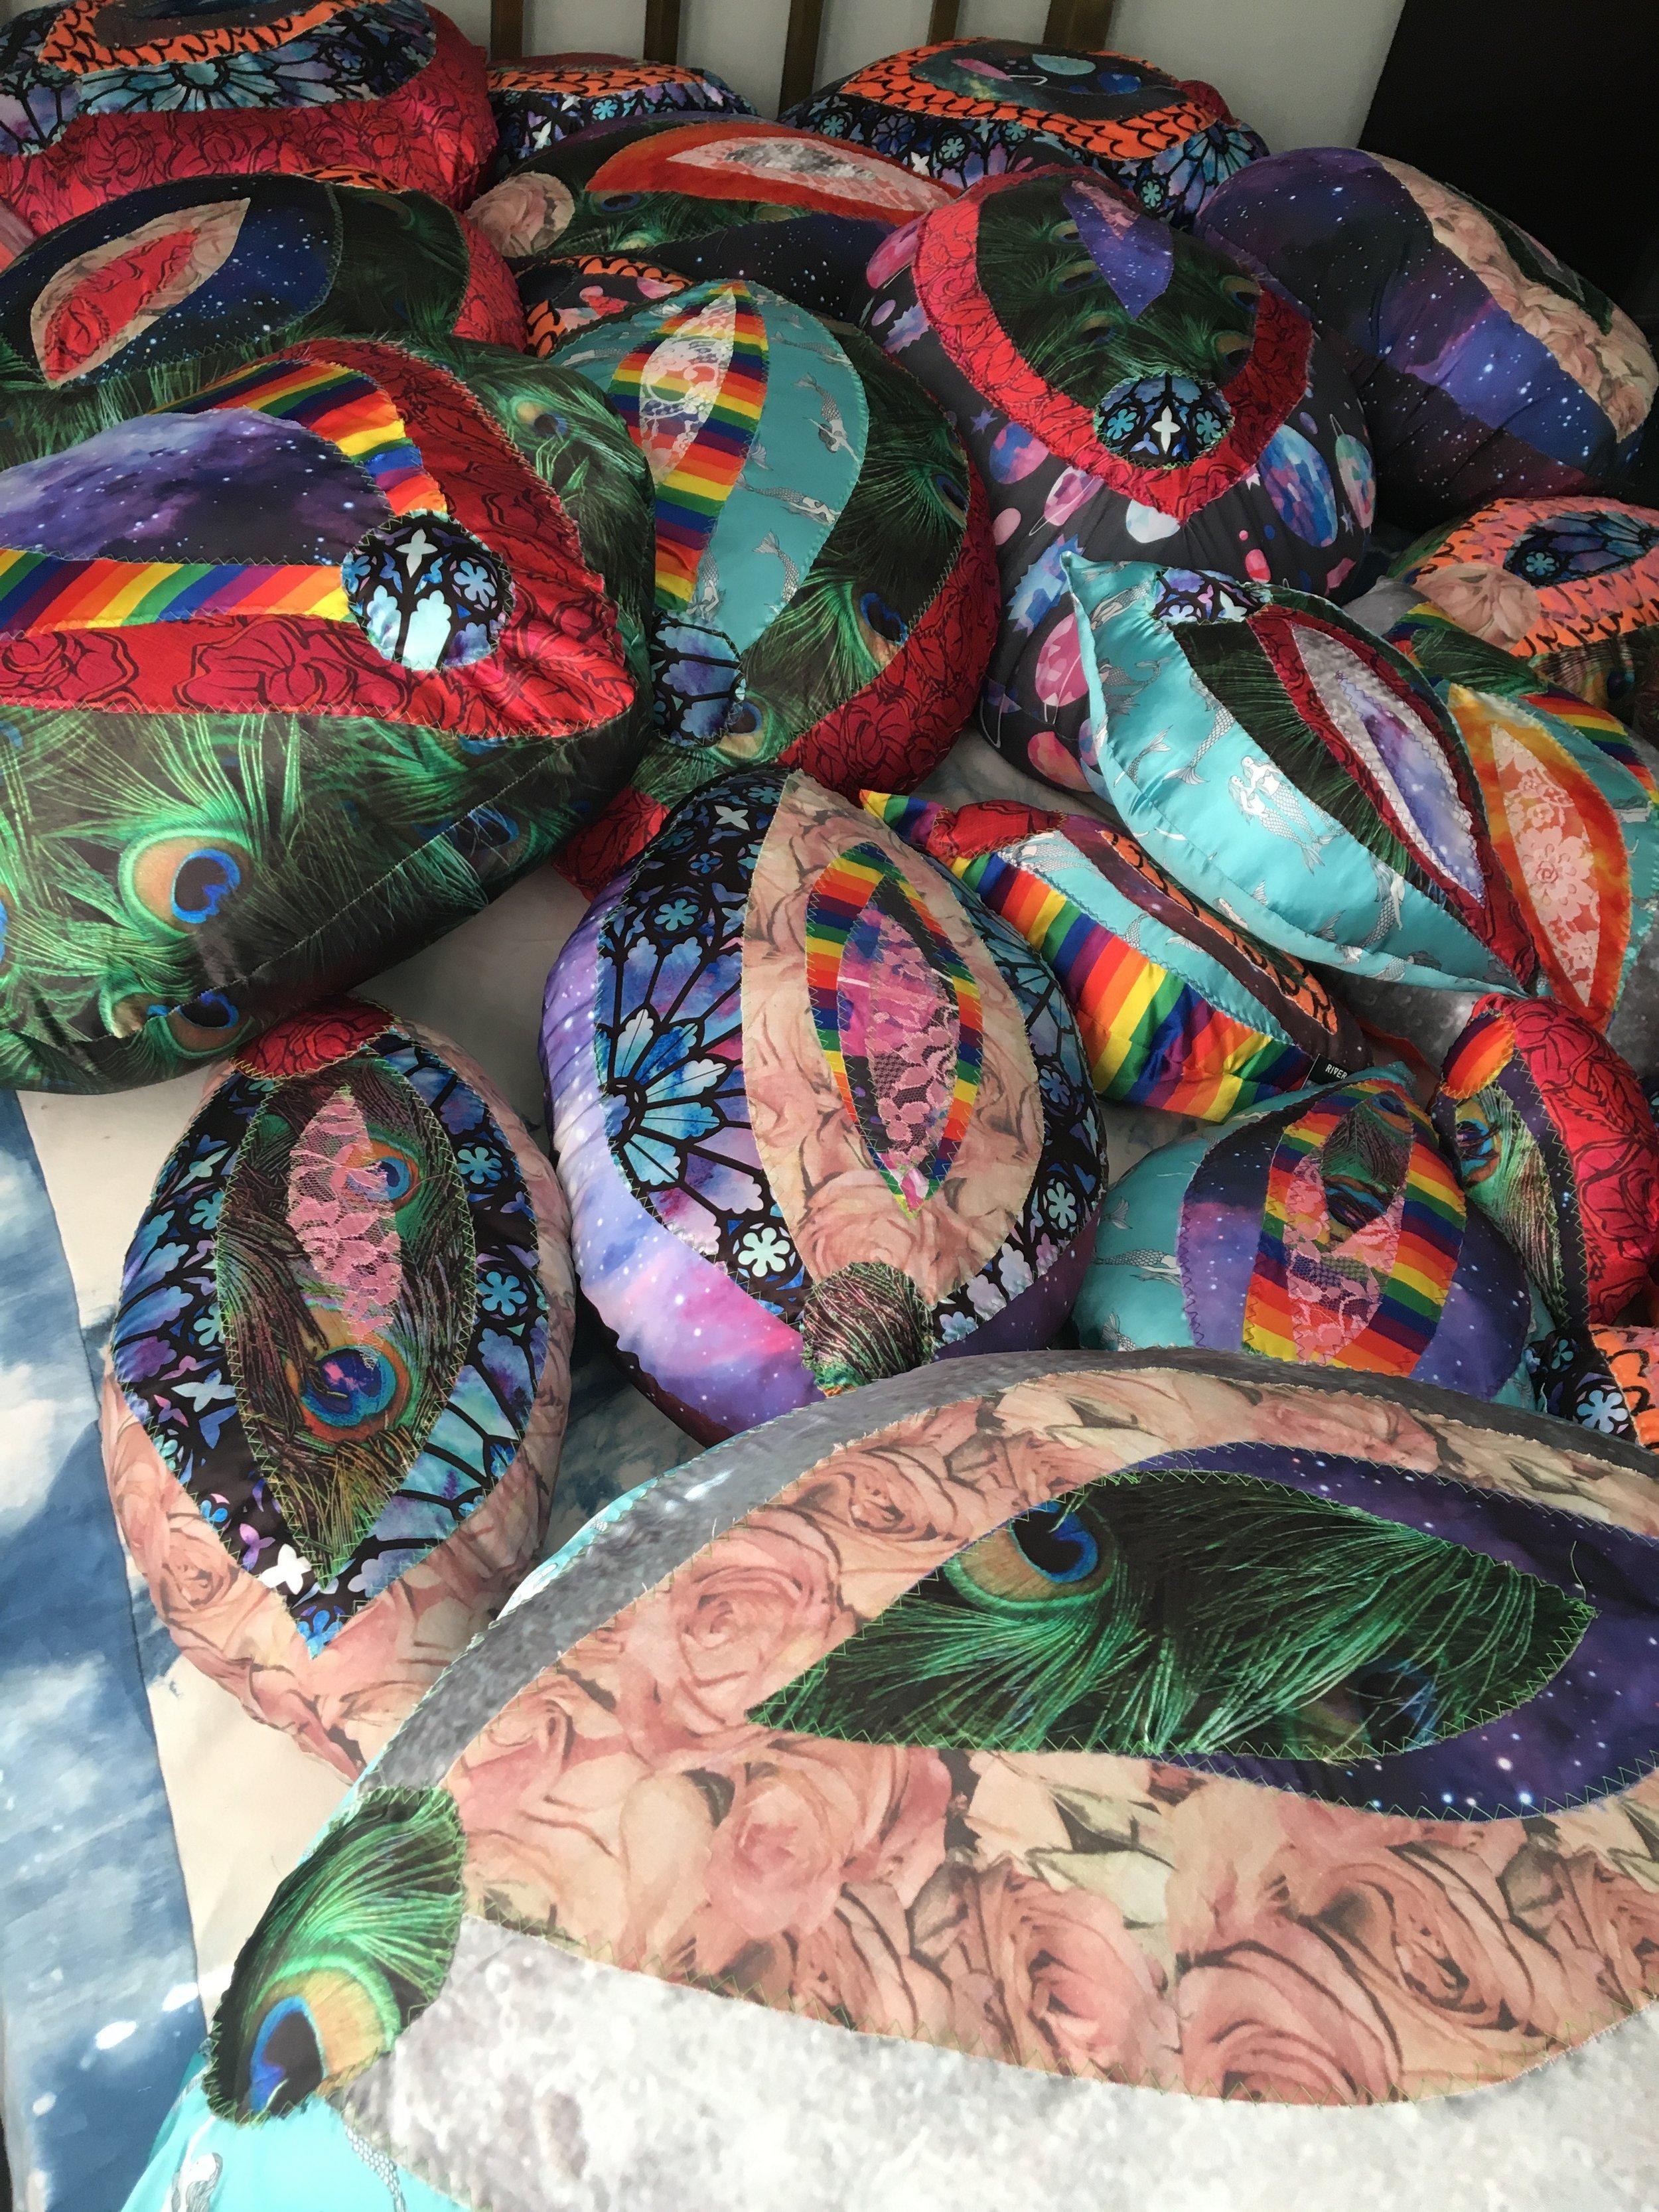 Vulva Pillow Pile 2.jpg